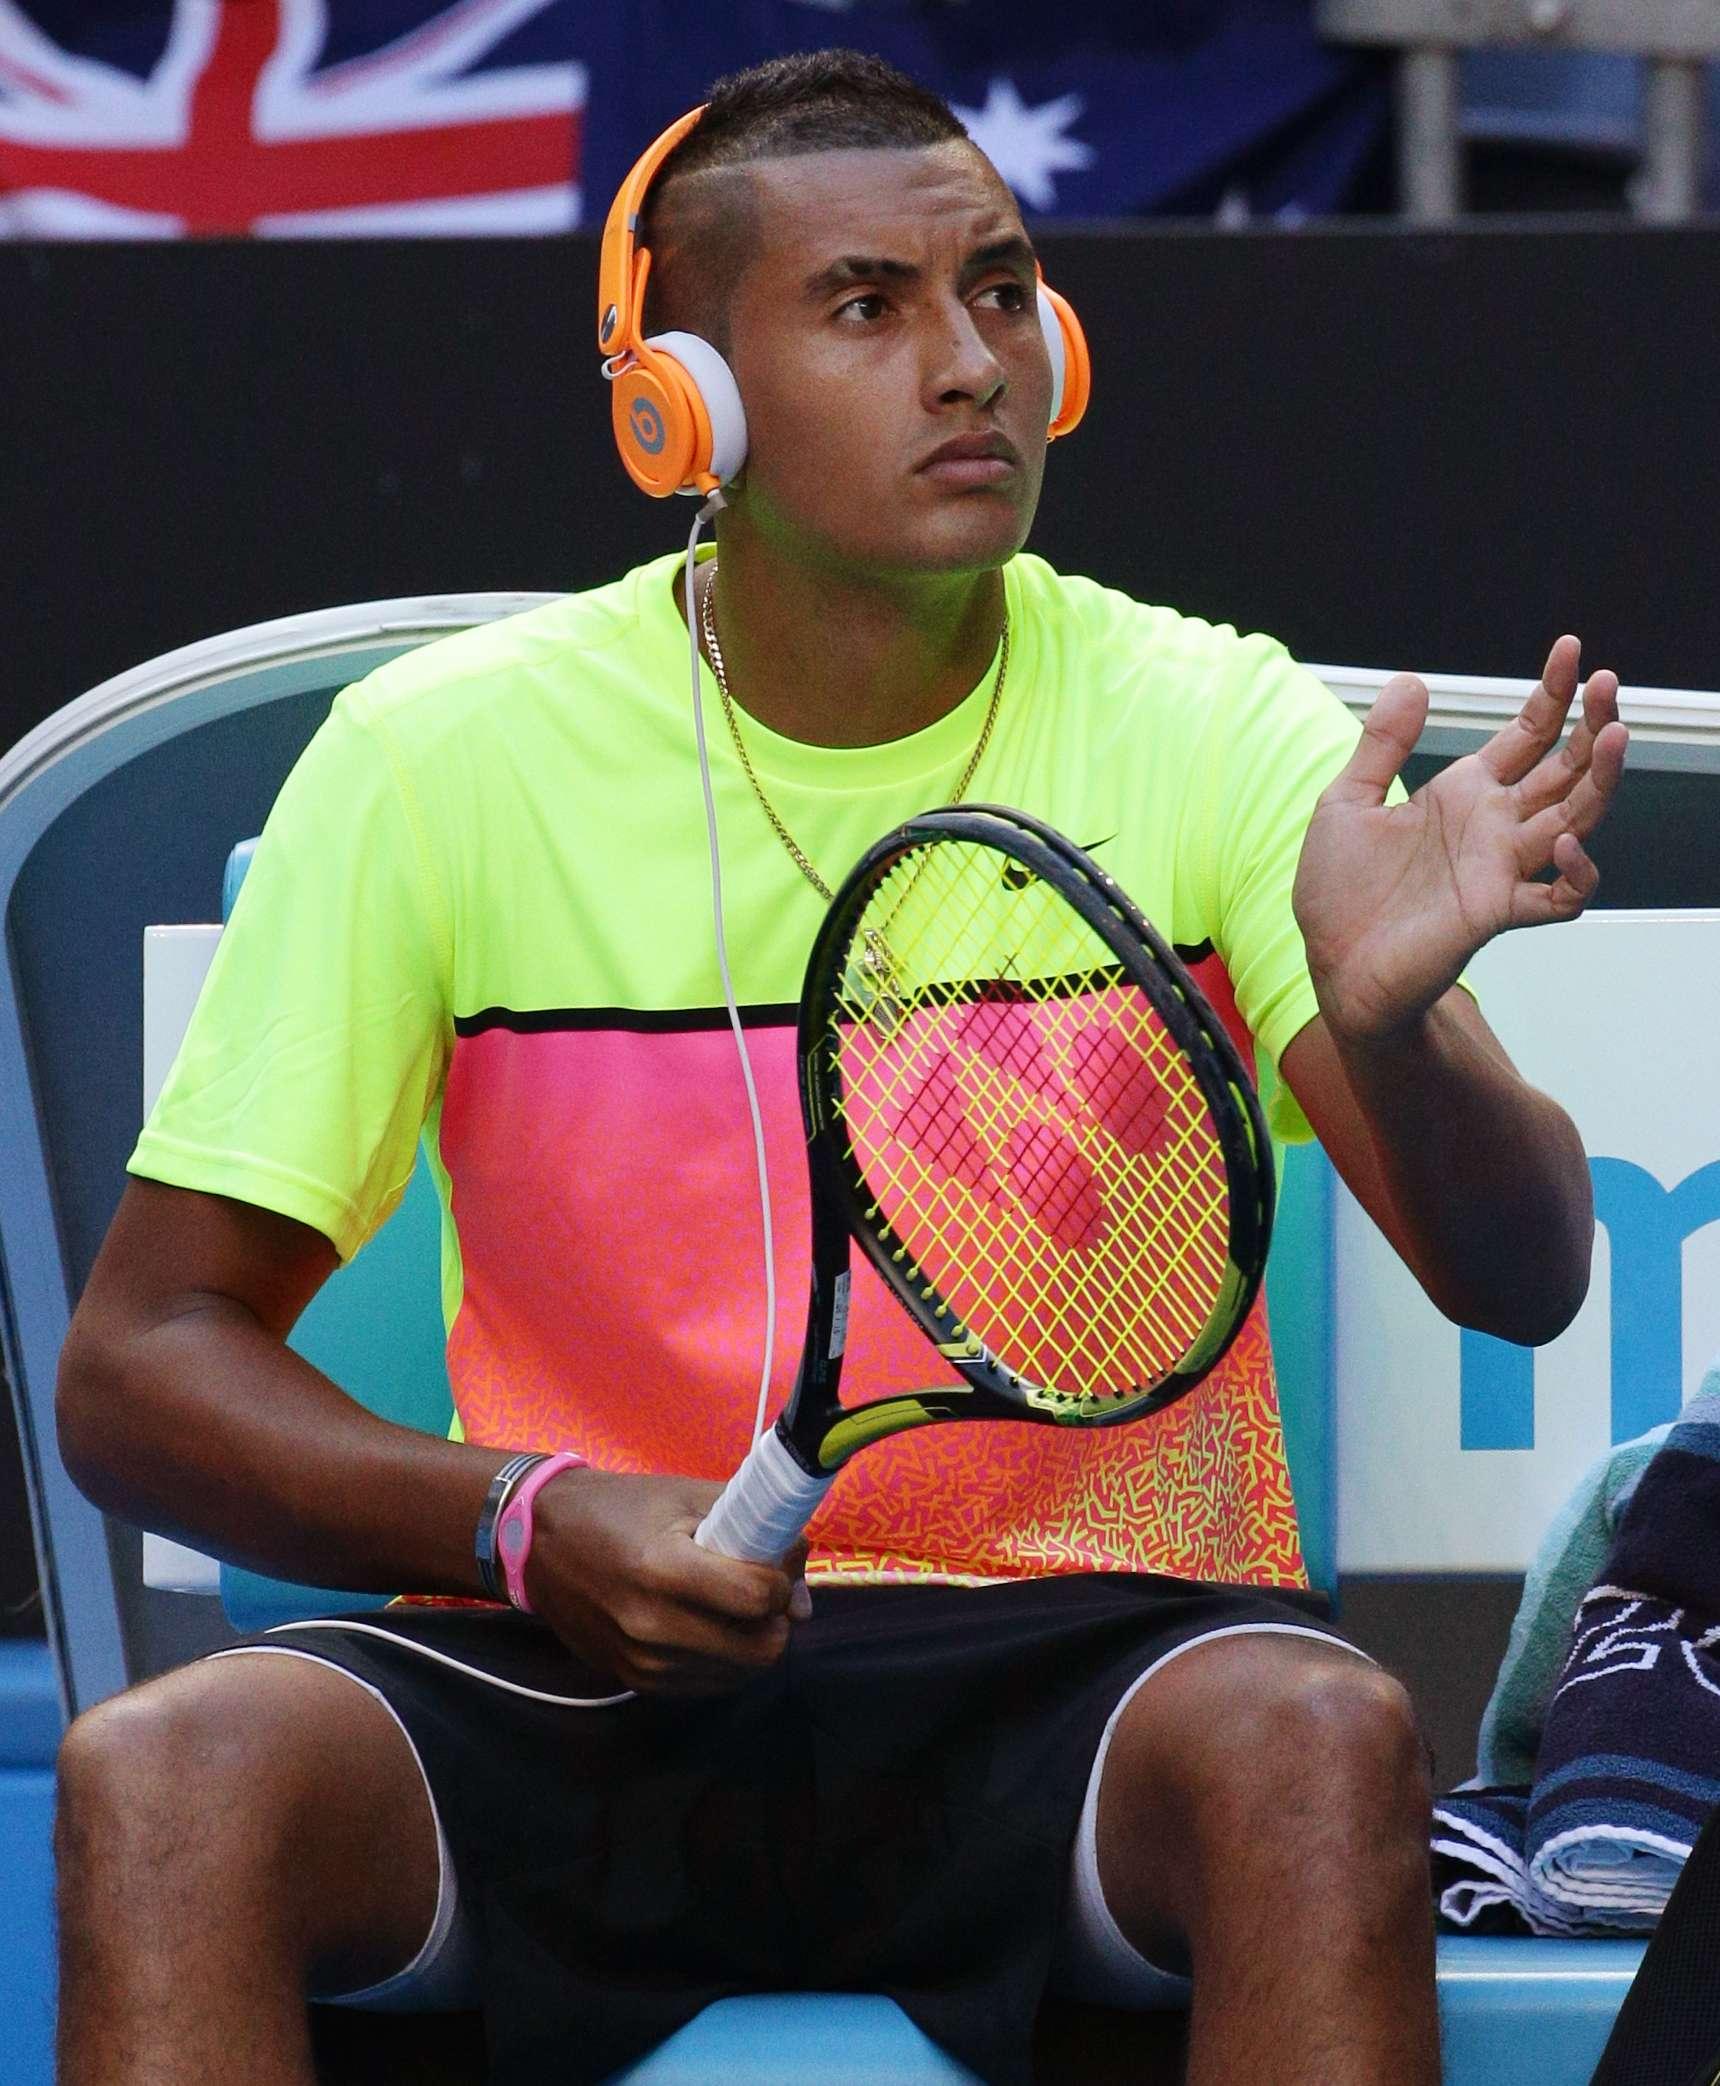 De tan sólo 19 años de edad, Nick Kyrgios es la máxima promesa del tenis australiano. Kyrgios nació en Camberra y mide 1.89 metros. Tras eliminar a Andreas Seppi, ya está en cuartos del Abierto de Australia Foto: AP